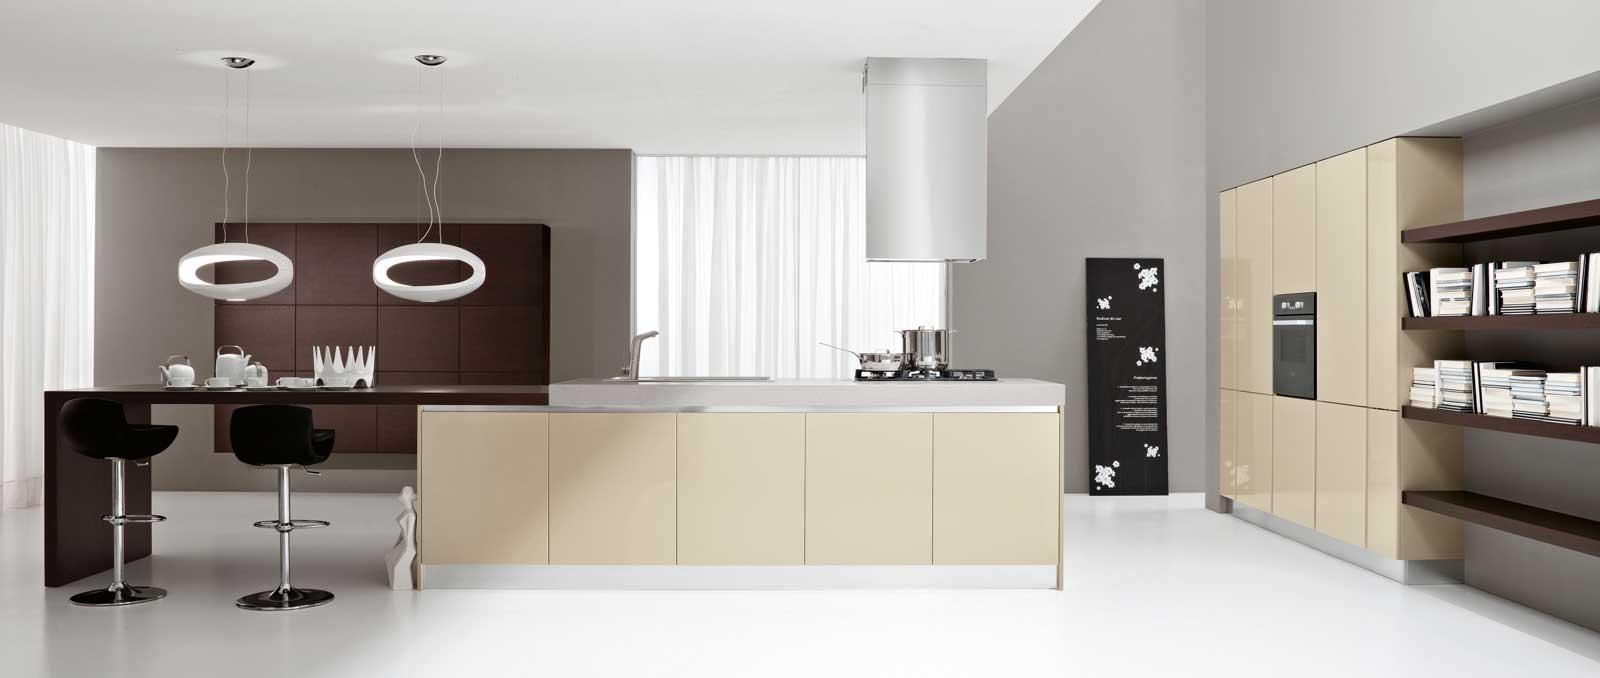 Elégante et intemporelle cette cuisine aux façades brillantes sans poignée avec prise de main en aluminium ne passera jamais de mode.